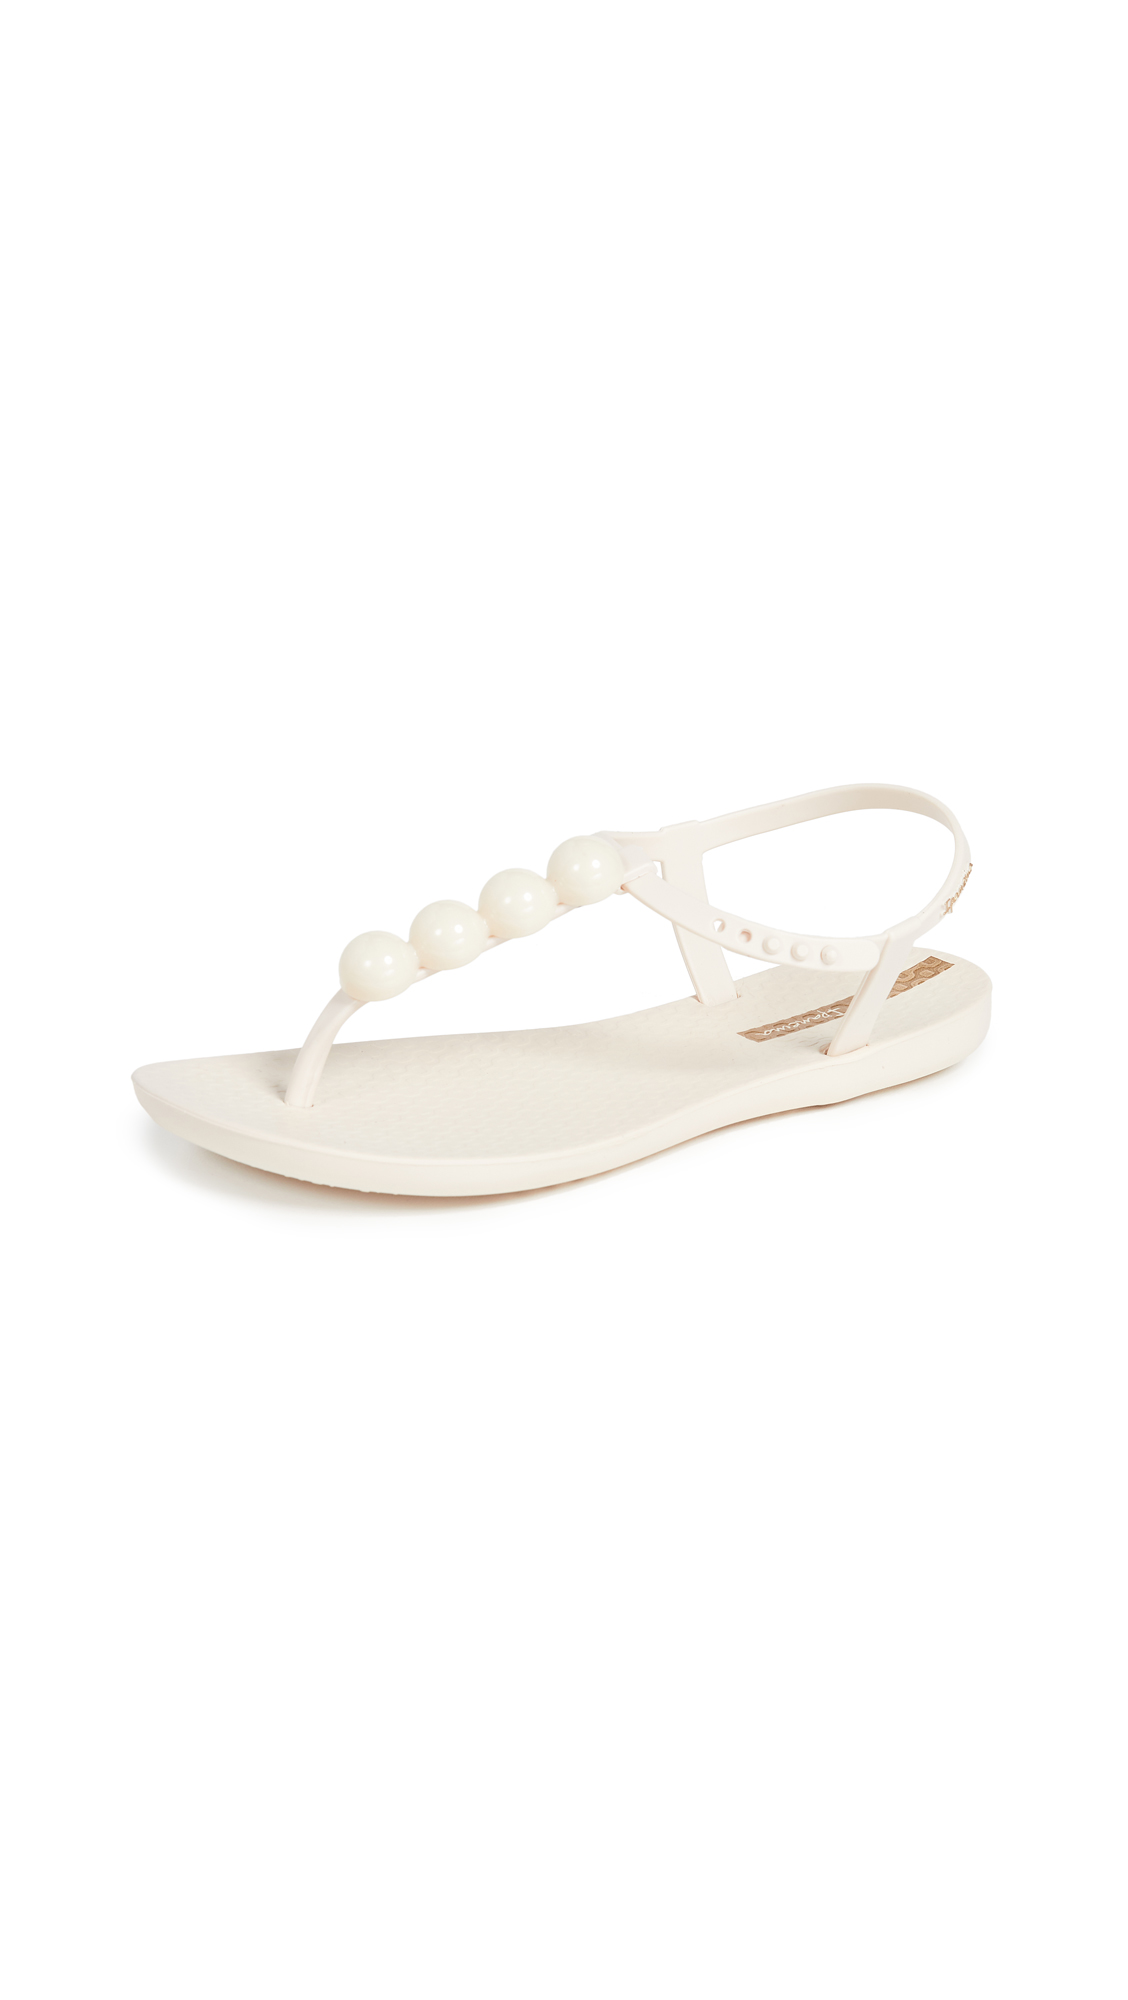 Ipanema Pearl T-Strap Sandals - Beige